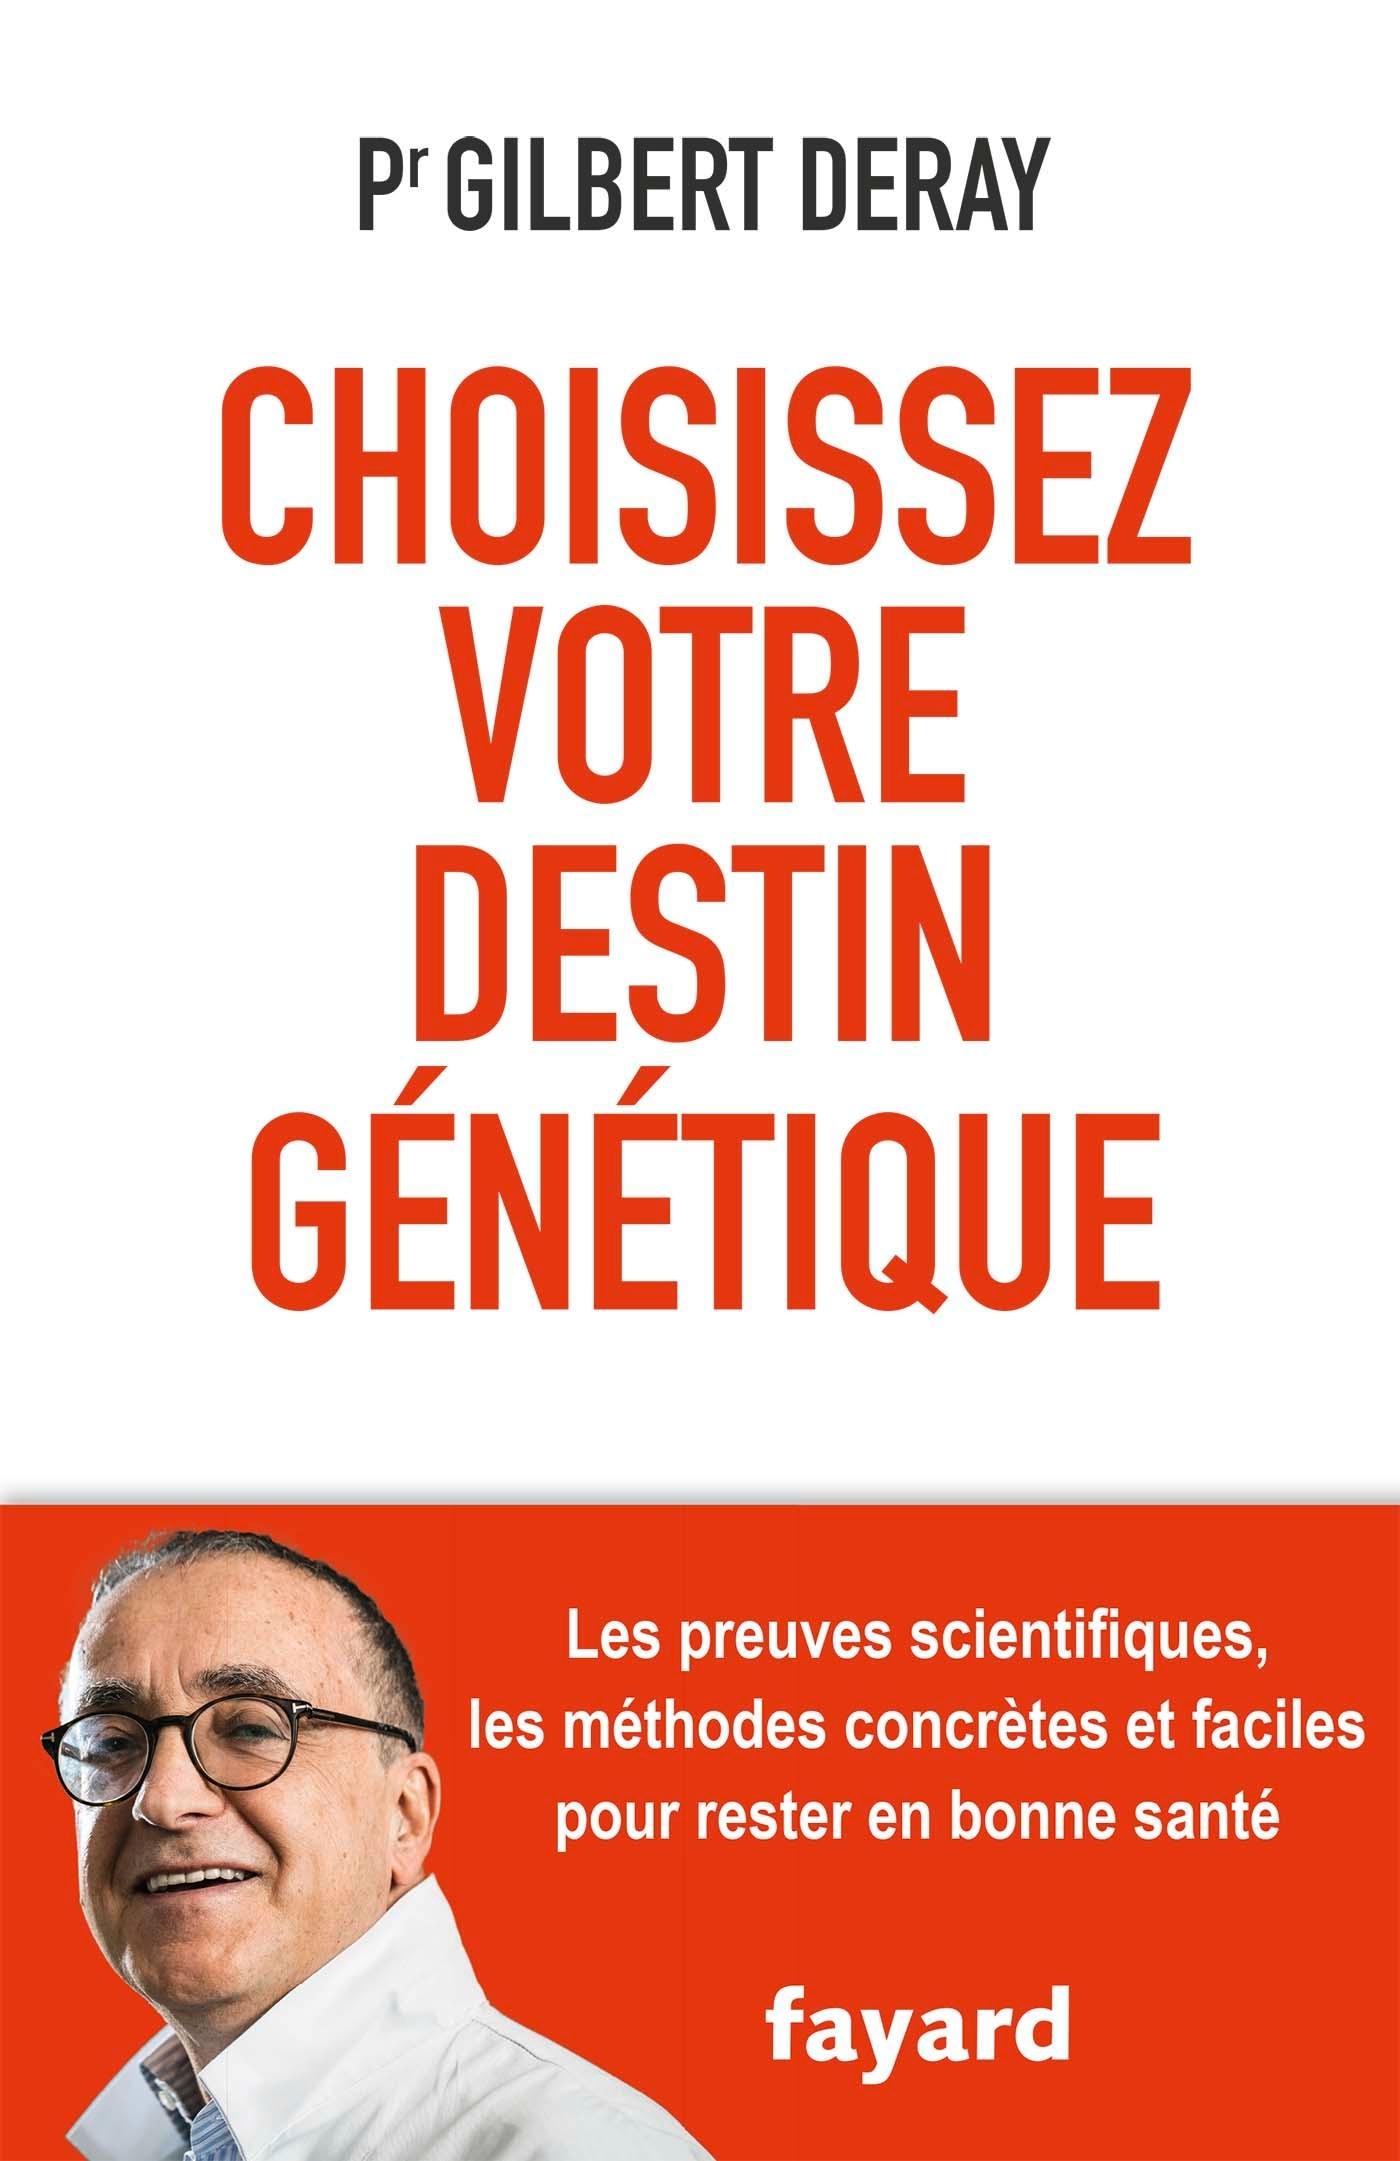 CHOISISSEZ VOTRE DESTIN GENETIQUE